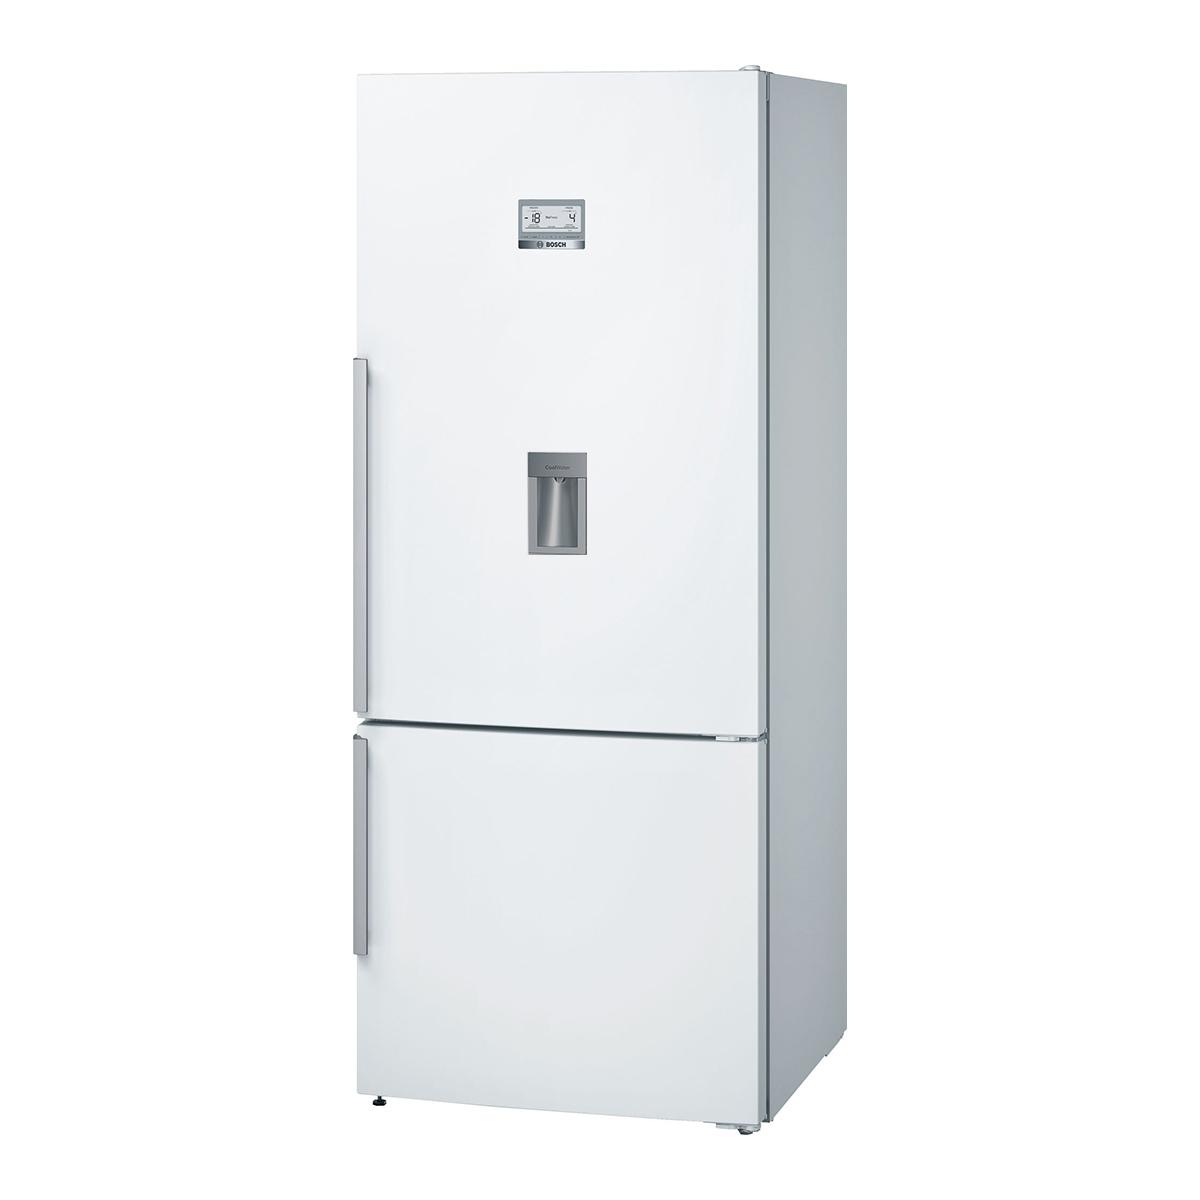 یخچال فریزر بوش مدل kgd56aw304